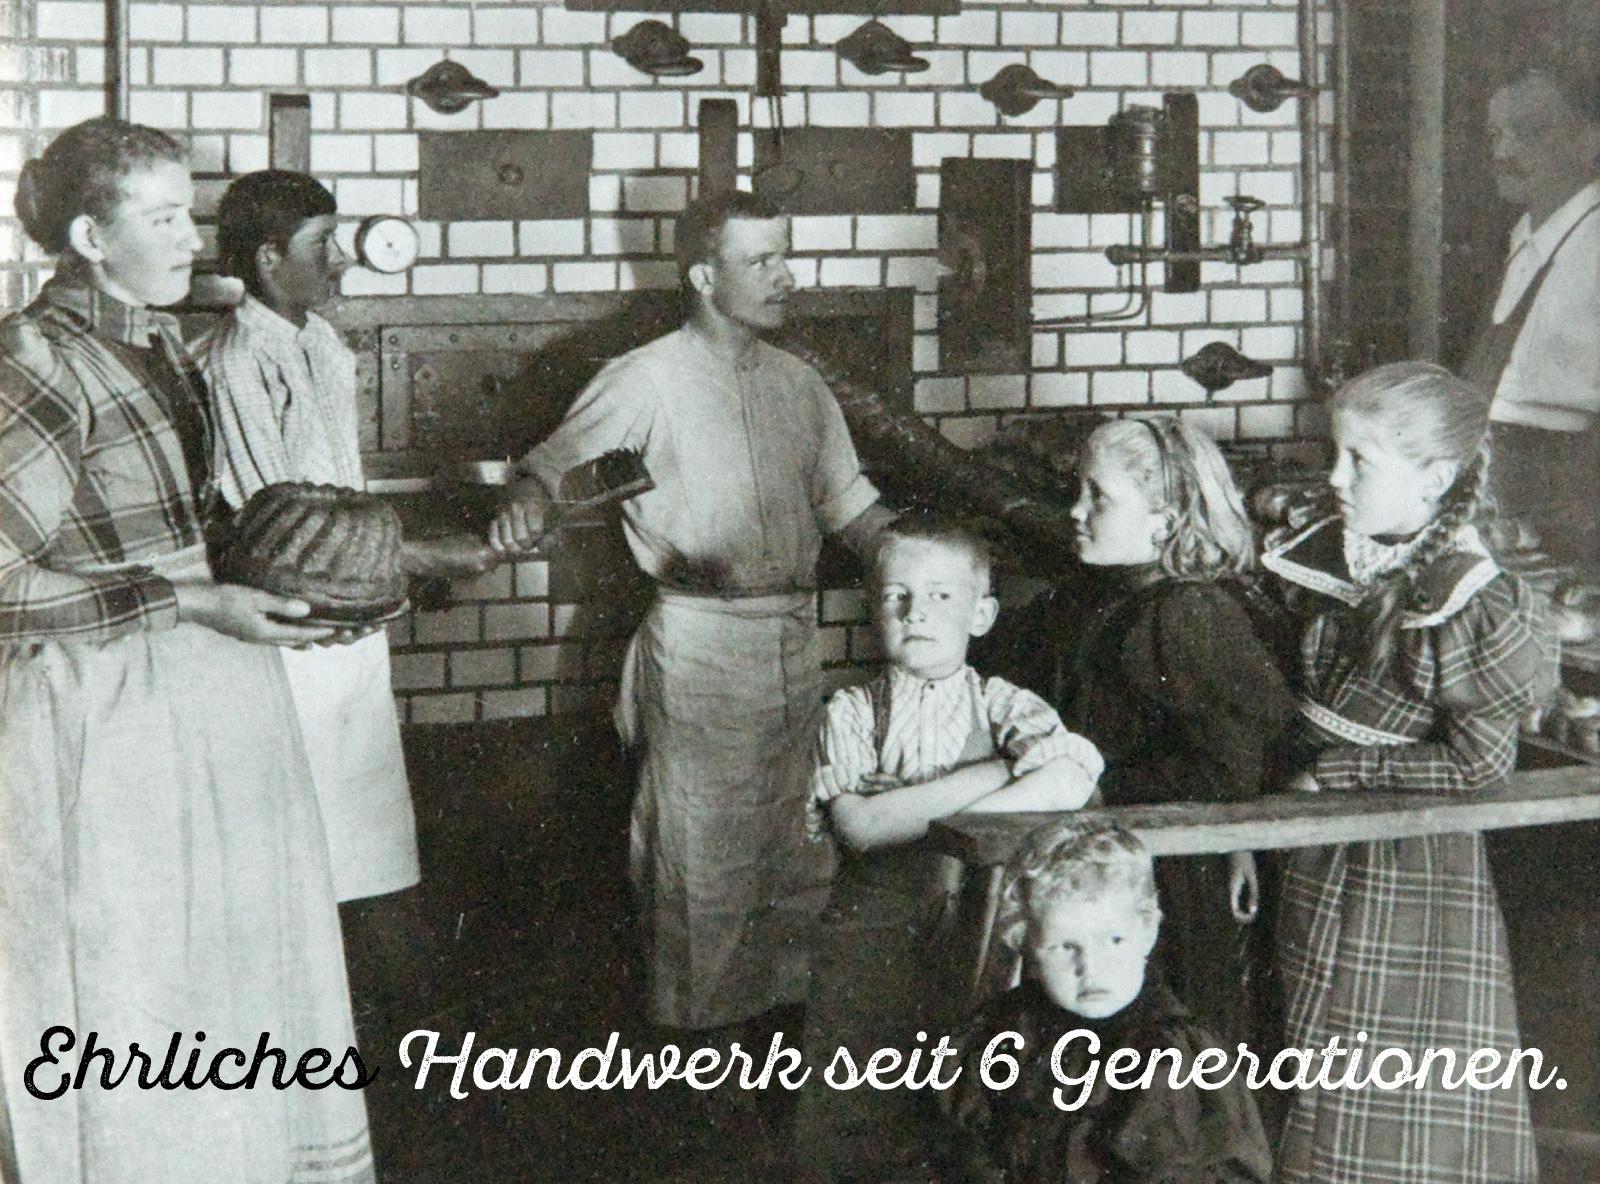 Wirthensohn Backwerkstatt seit 1843